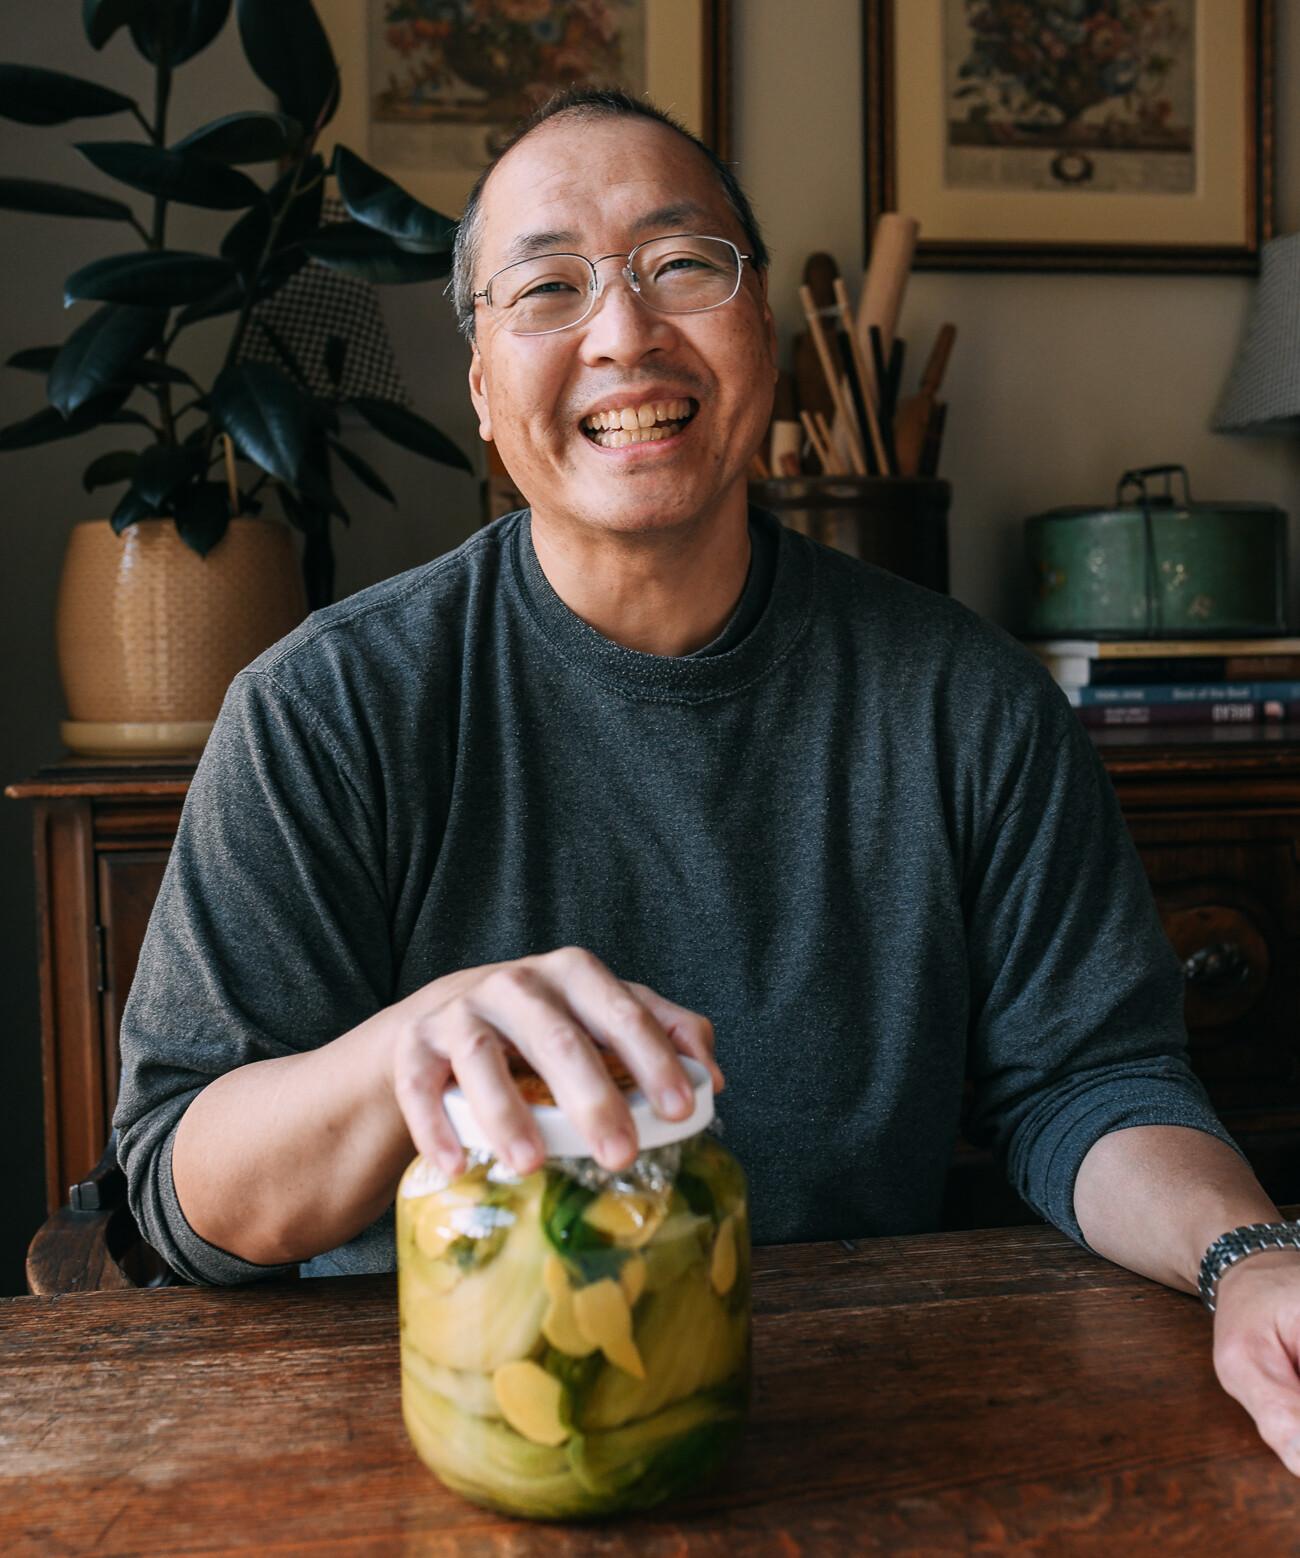 Bill with jar of haam choy